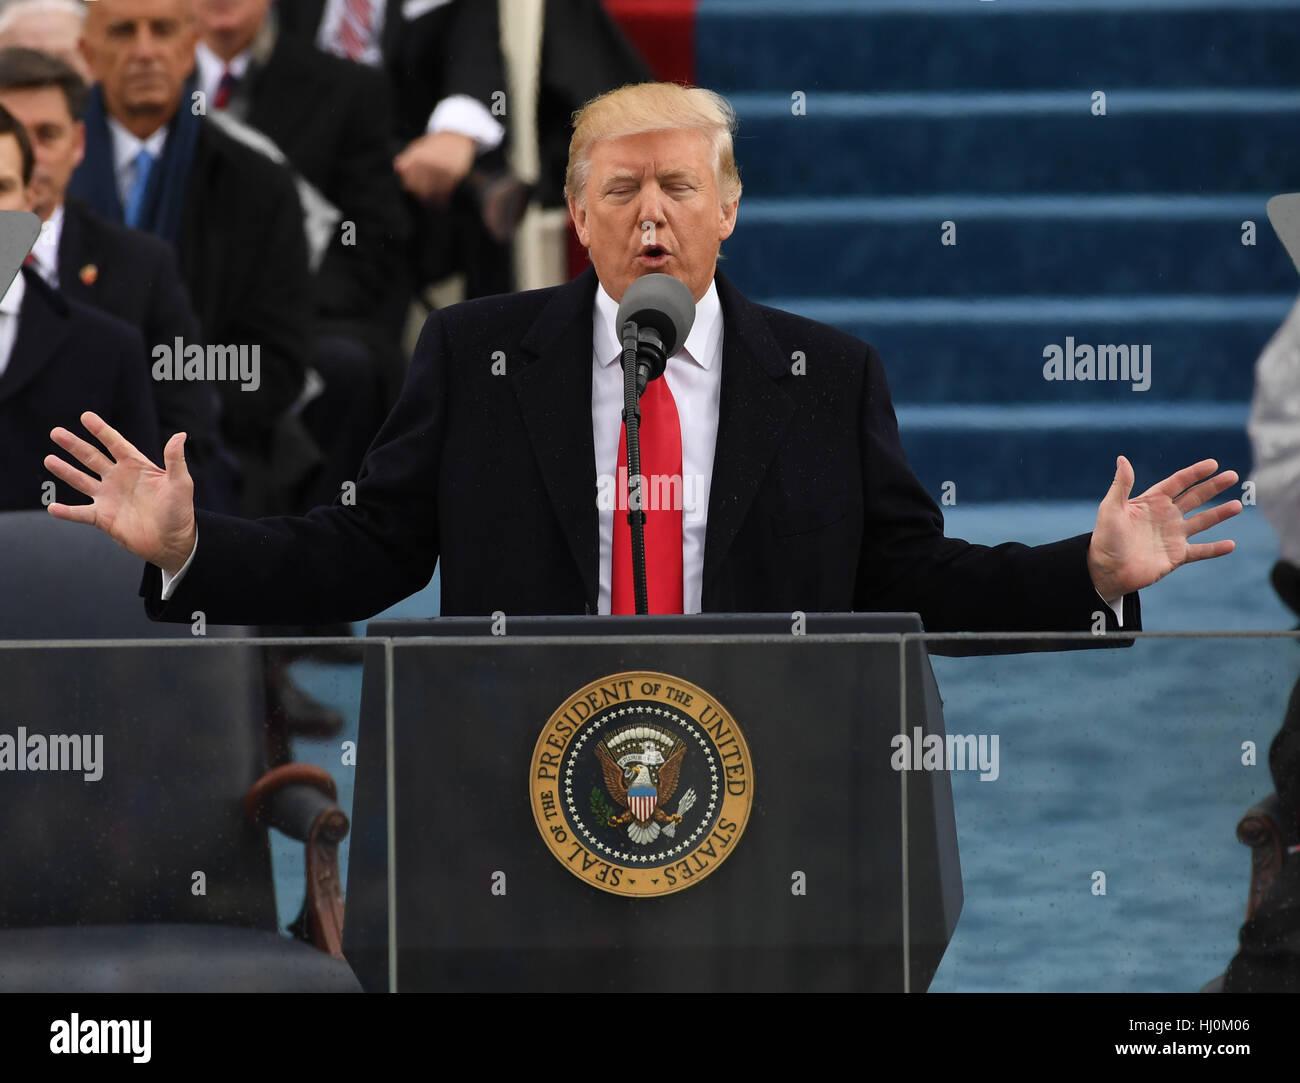 Presidente Donald Trump offre il suo discorso inaugurale alla inaugurazione il 20 gennaio 2017 a Washington, DC Foto Stock